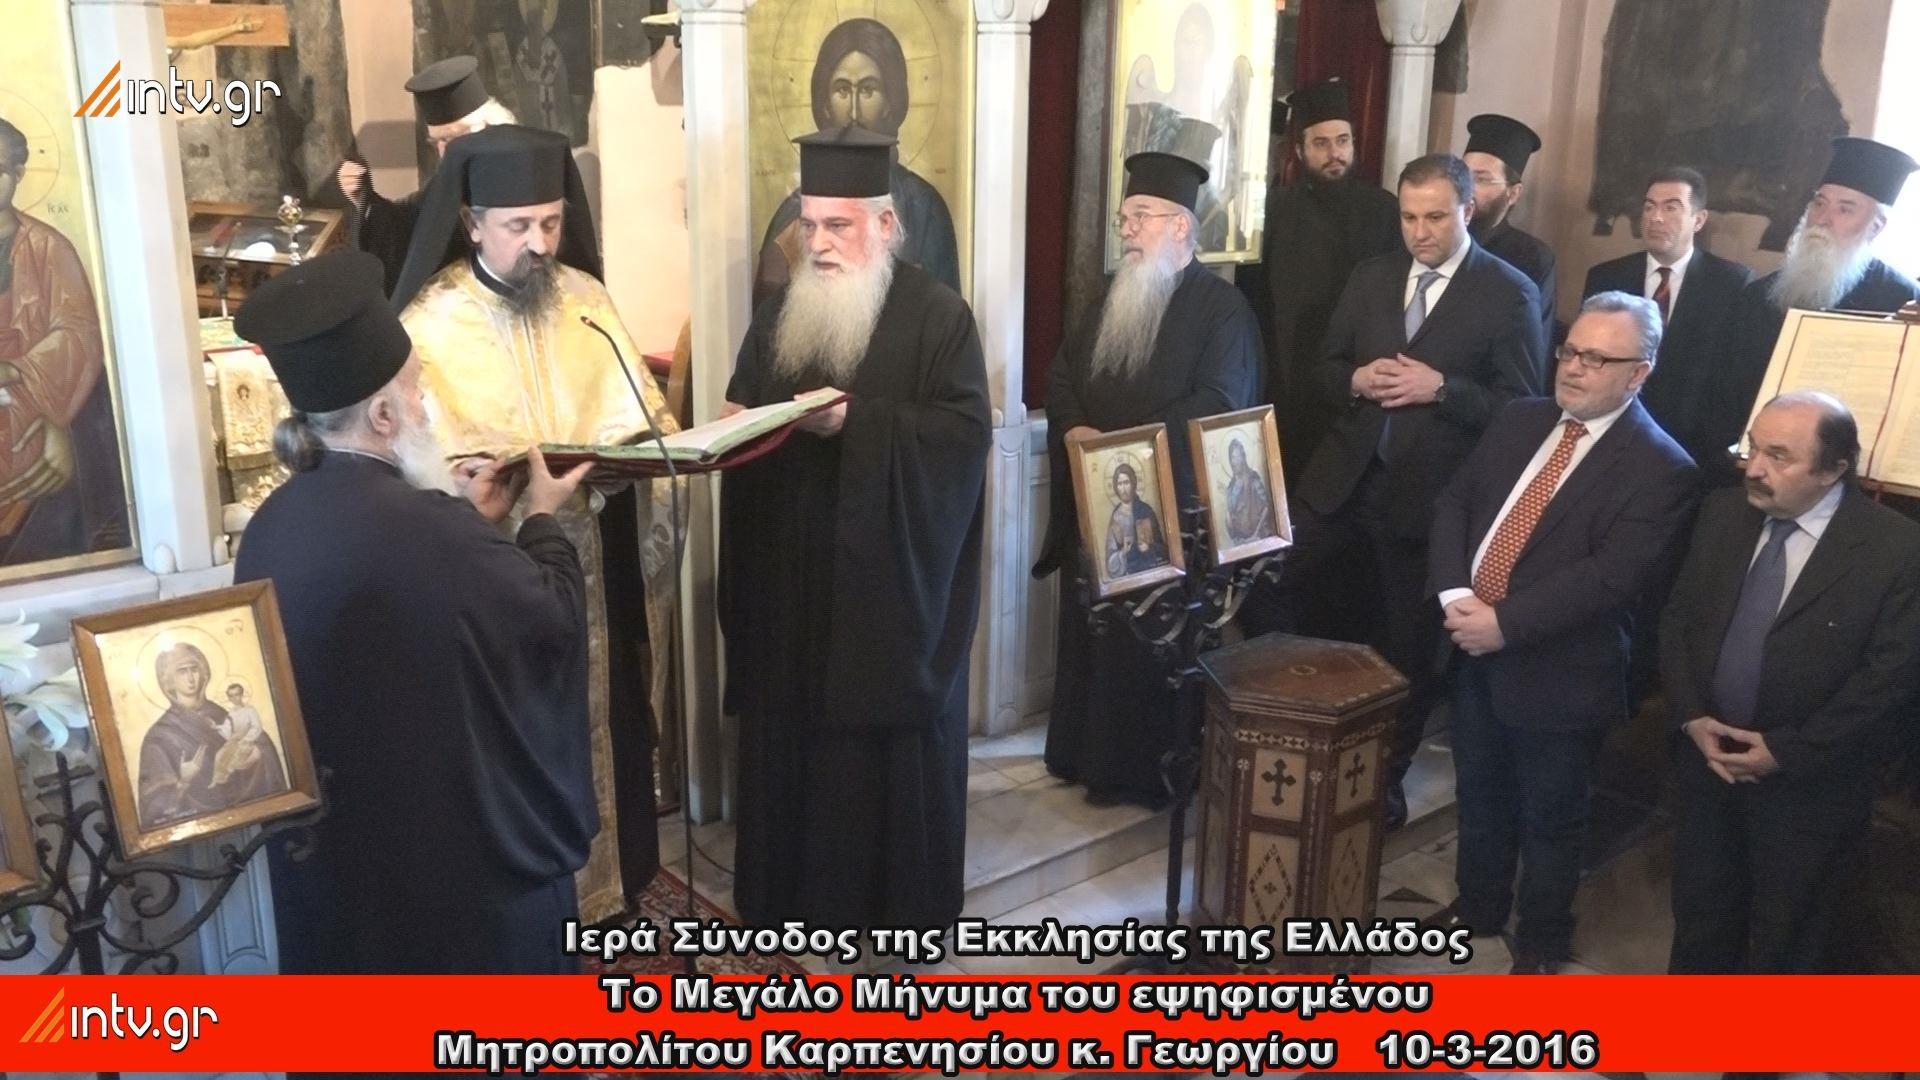 Ιερά Σύνοδος της Εκκλησίας της Ελλάδος - Το Μεγάλο Μήνυμα του εψηφισμένου Μητροπολίτου Καρπενησίου κ. Γεωργίου